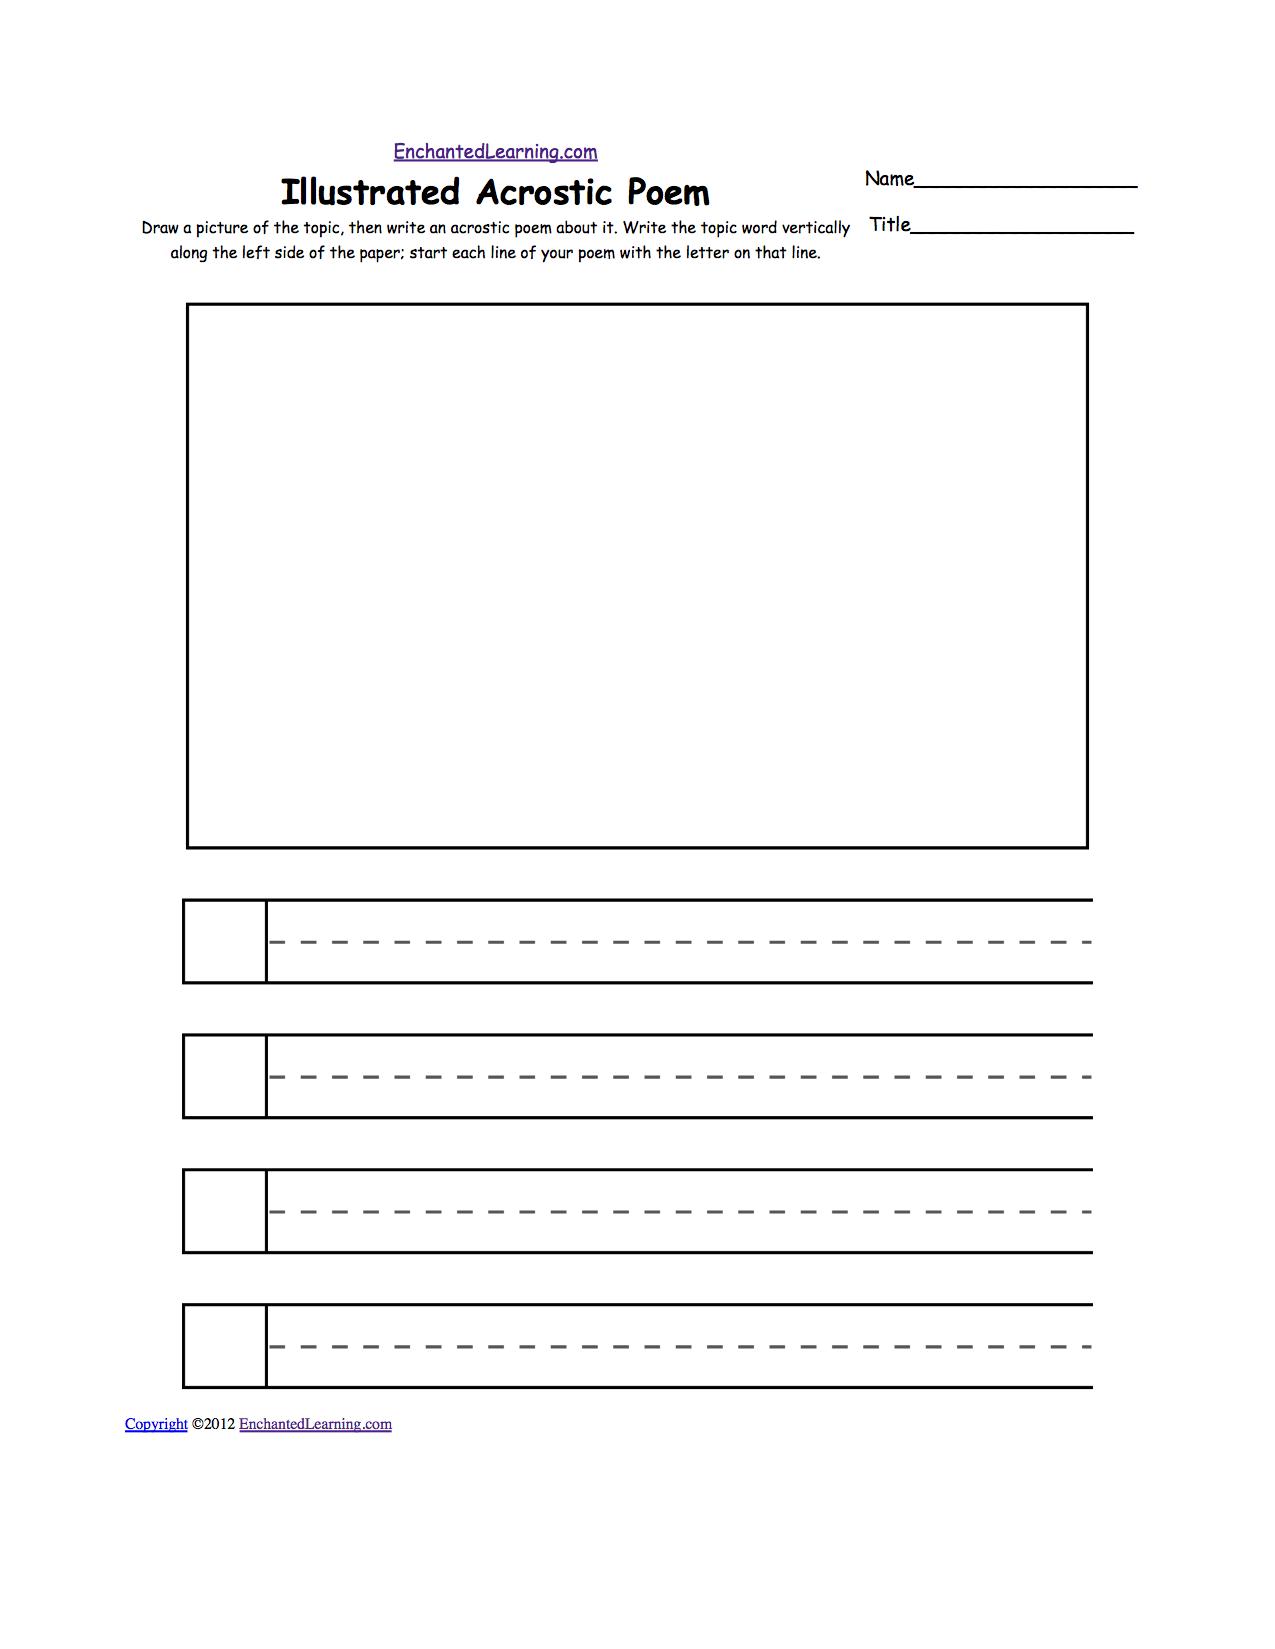 Scheme for marking sec 2013 essay maths